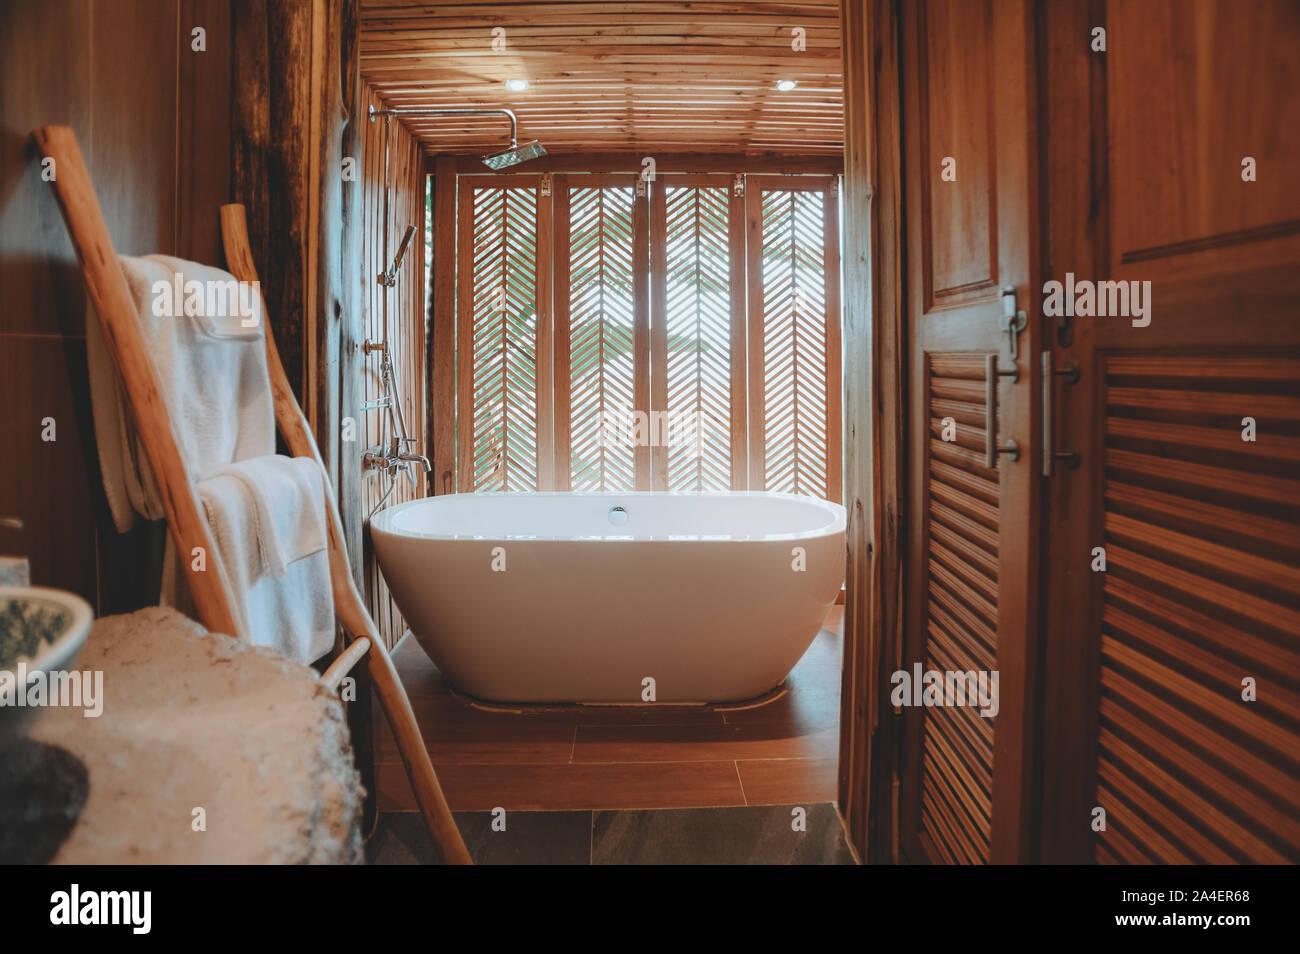 Schöne luxuriöse weiße Wanne Dekoration im Bad Interieur für Freizeitaktivitäten entspannen Stockfoto